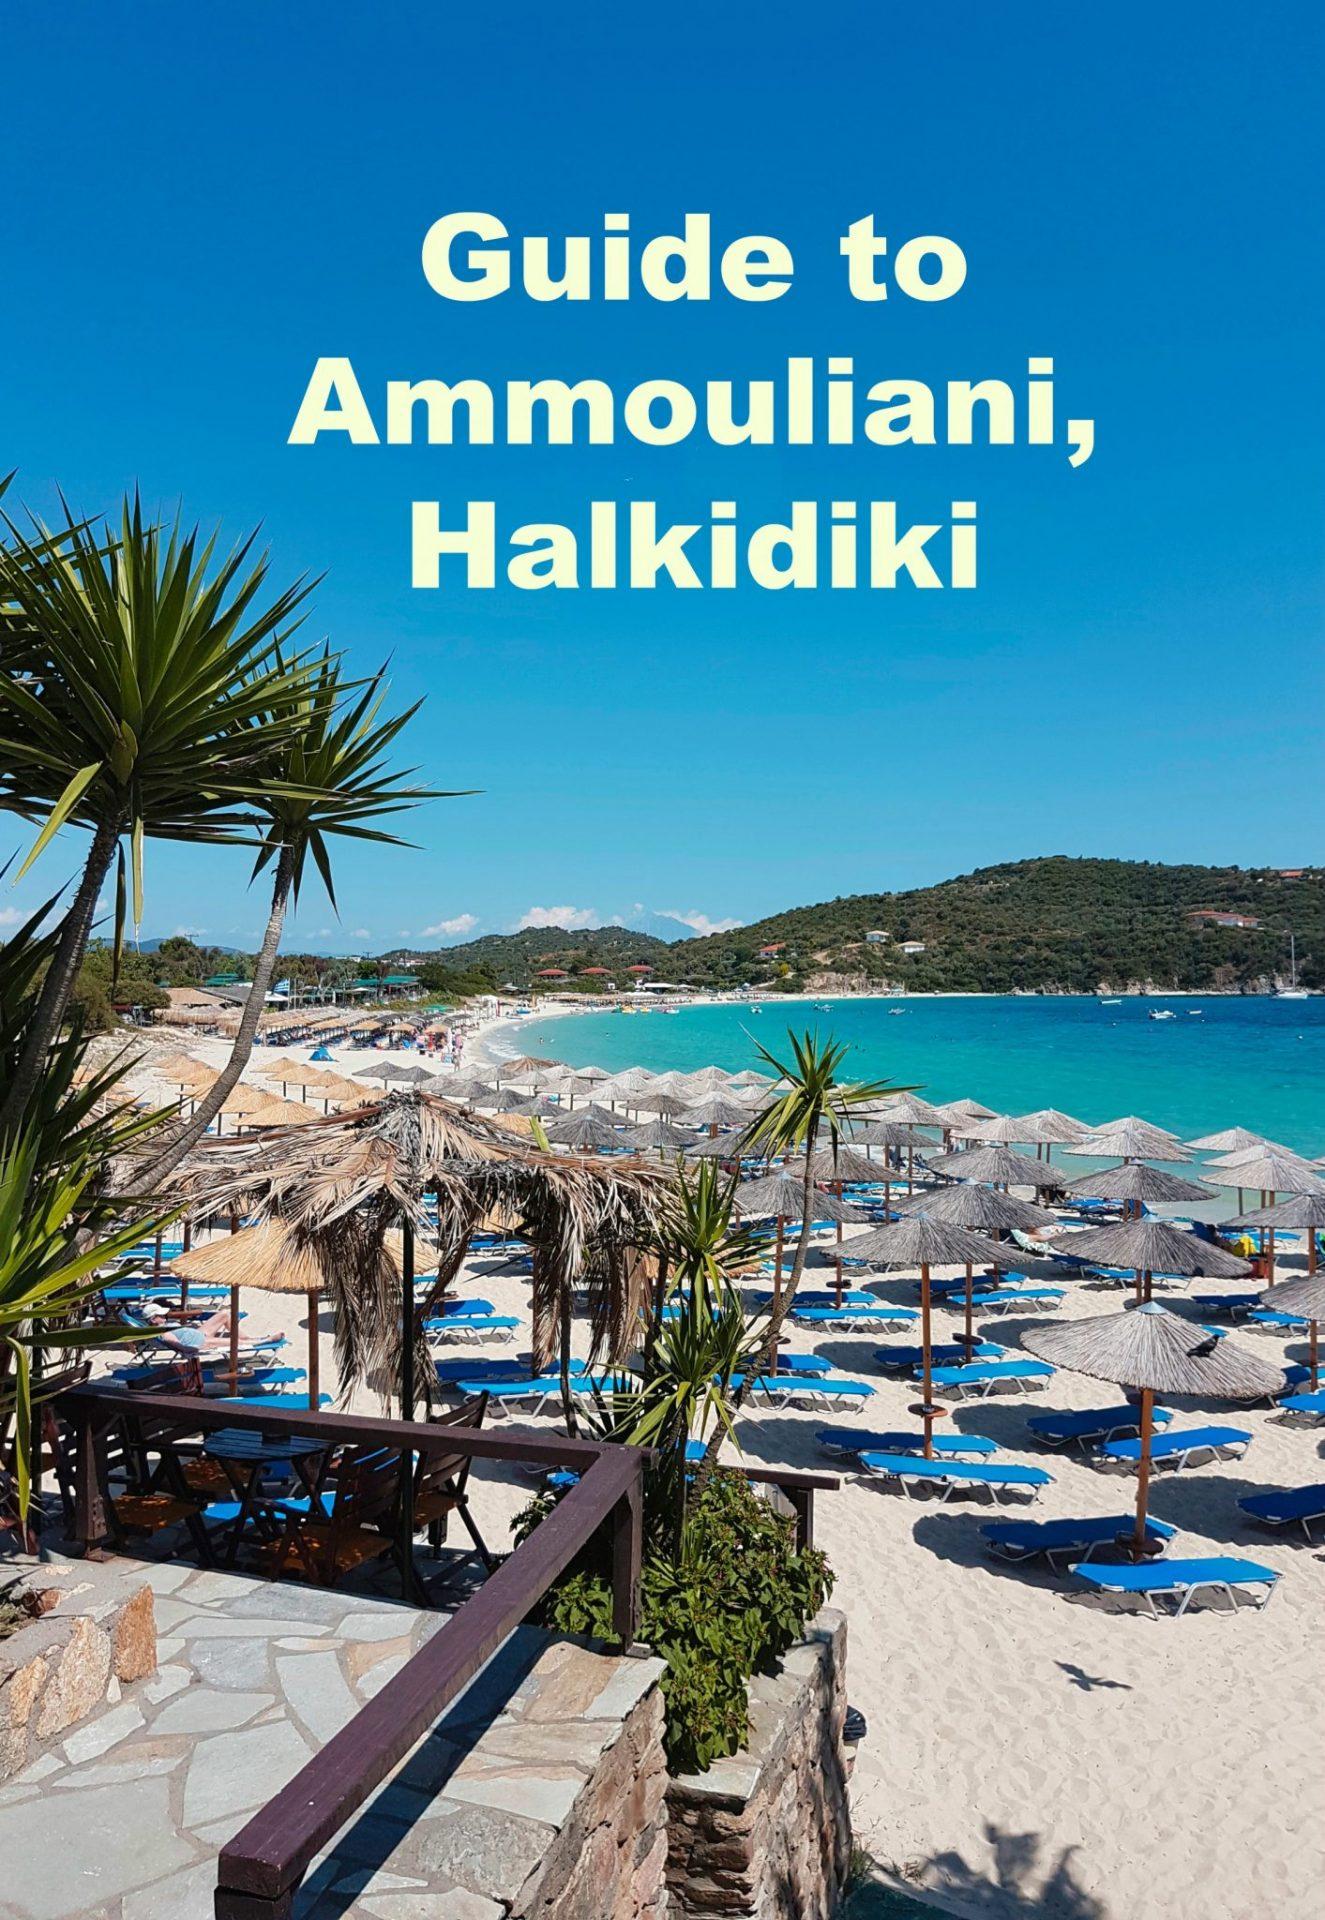 Travel Guide to Ammouliani, Halkidiki